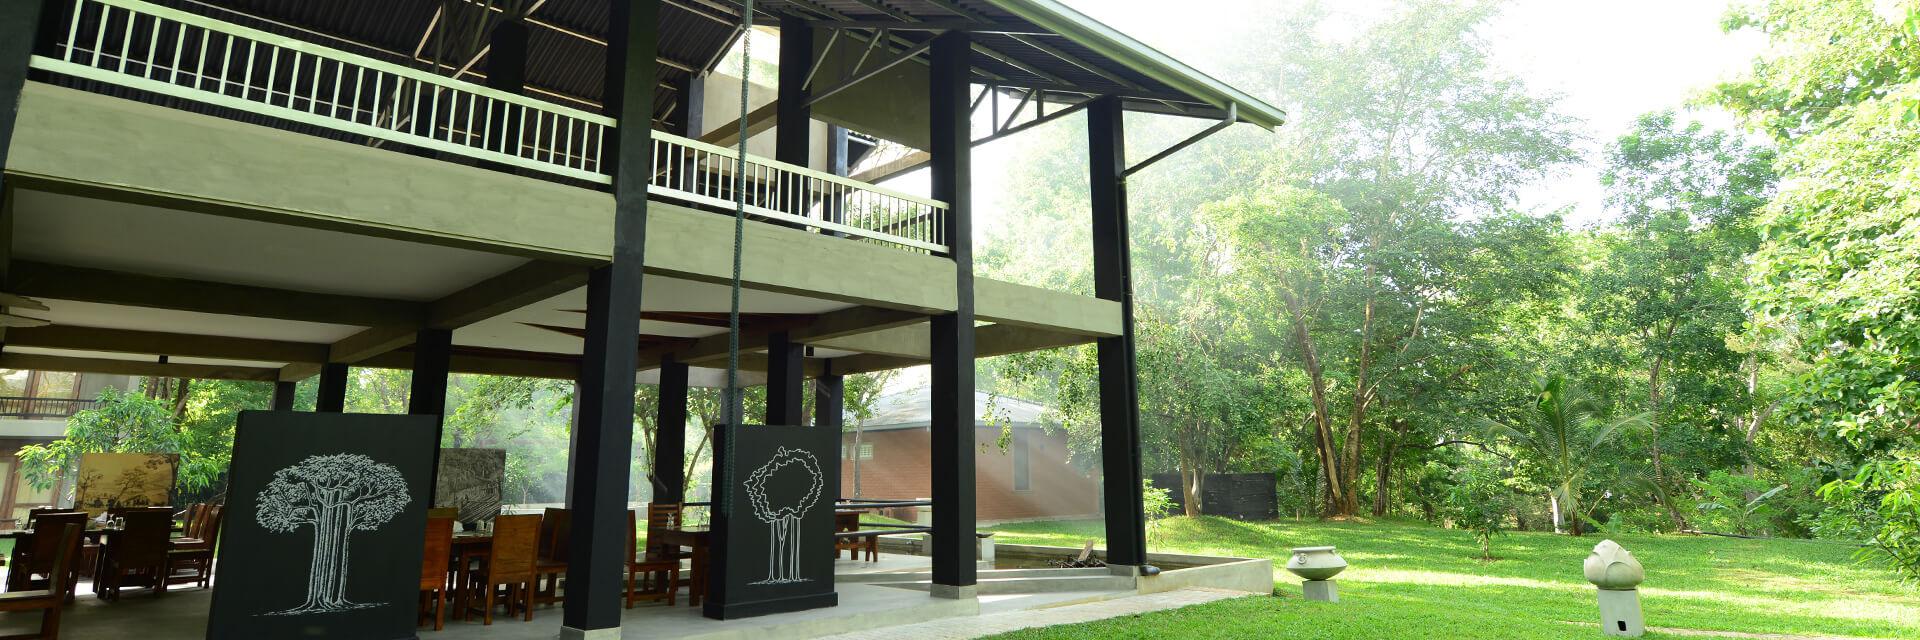 udawalawe hotels sri lanka - Facilities Nili Diya Mankada Hotel Udawalawe